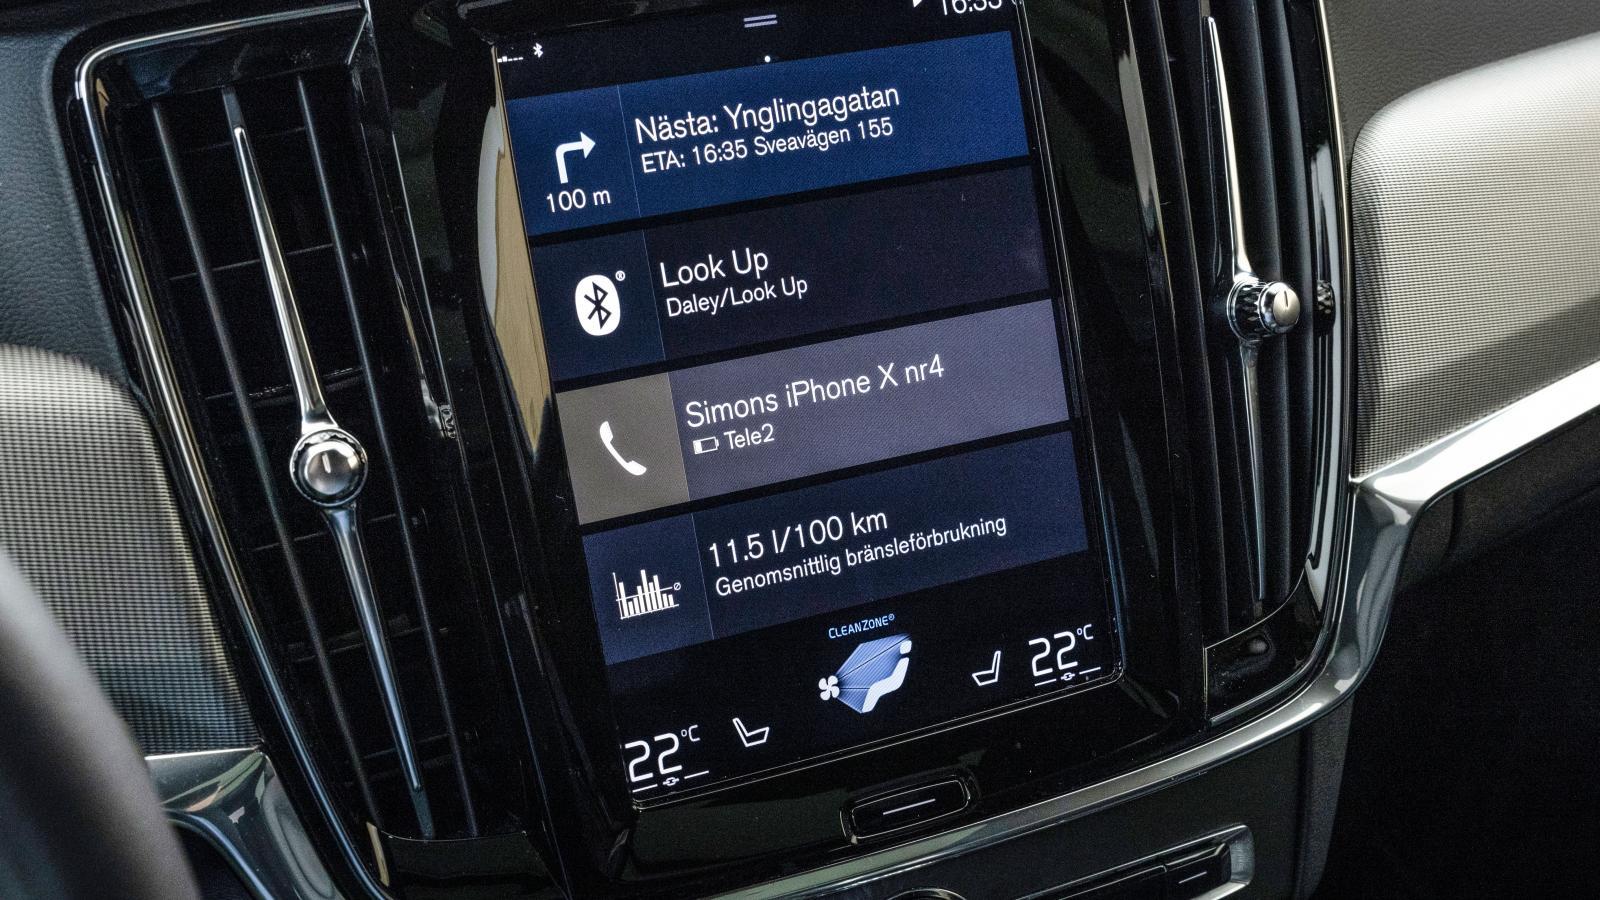 Volvo: Sensus-systemet har hängt med länge. Det är ganska lättanvänt och funktionerna kan möbleras efter smak. Helheten sackar dock jämfört med Audi och Mercedes.